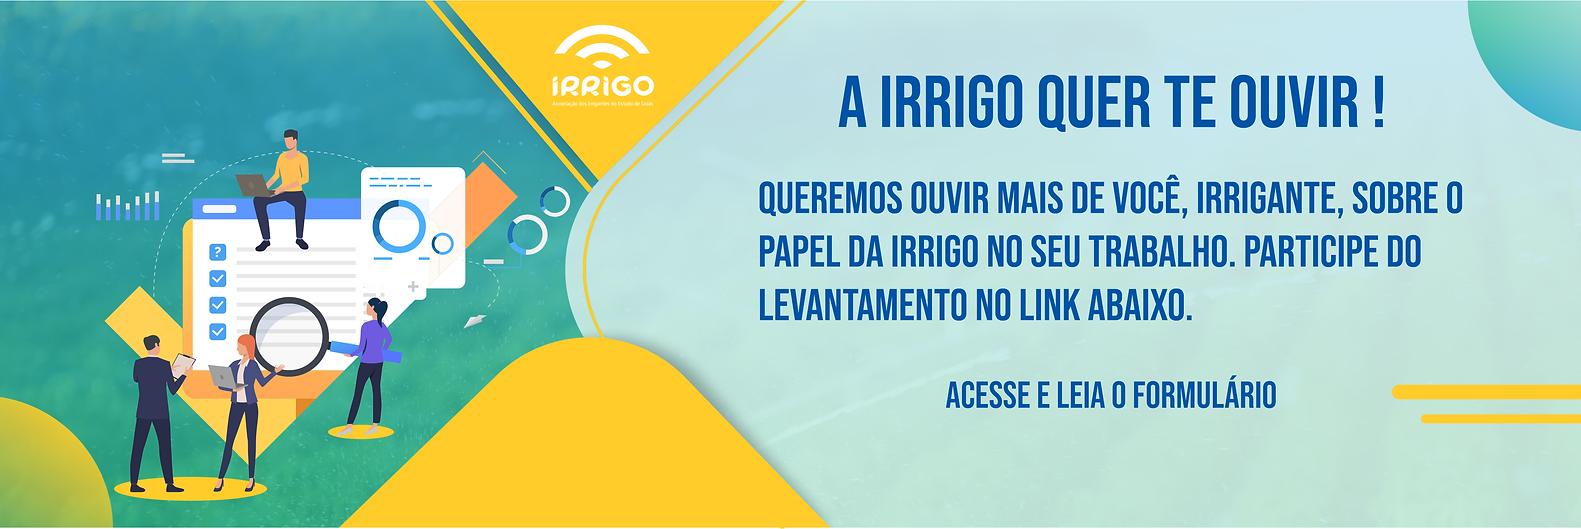 CAPA SITE IRRIGO.png